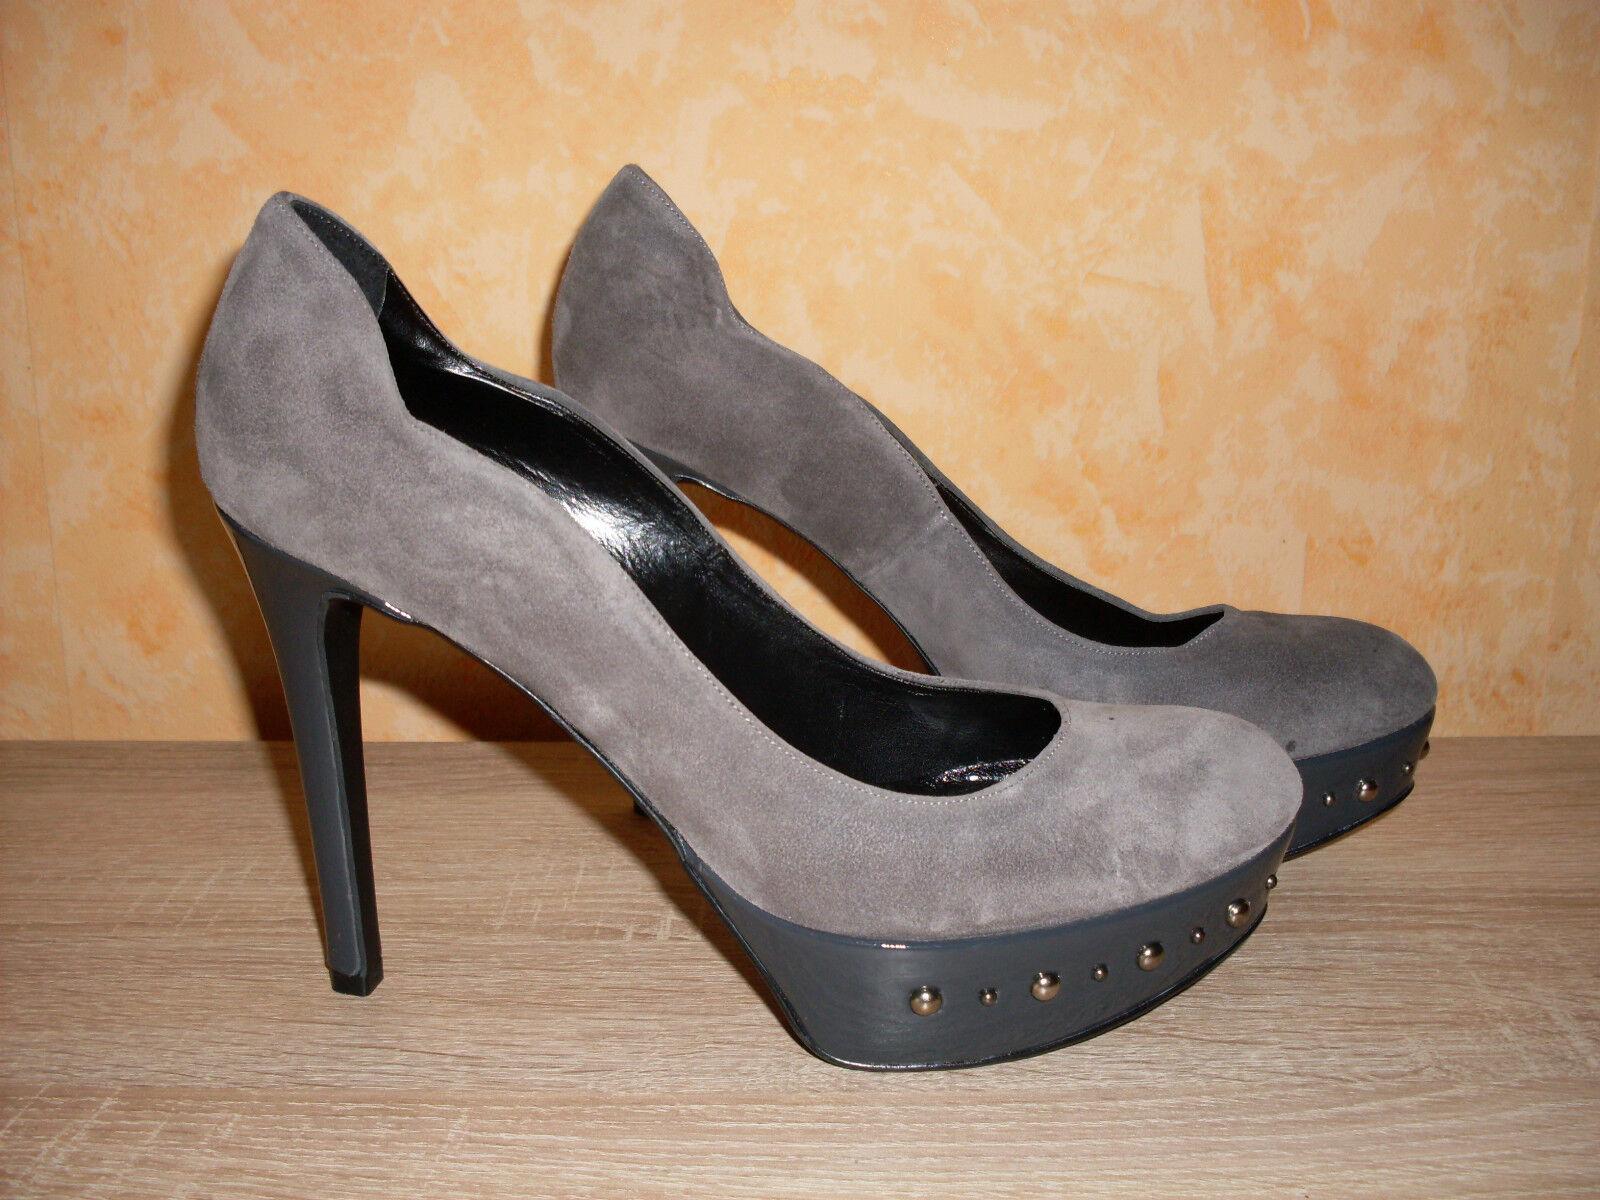 Sexy 12,5cm Plateaupumps NEU Gr. 40 in grau mit Nieten & Veloursleder super heiß